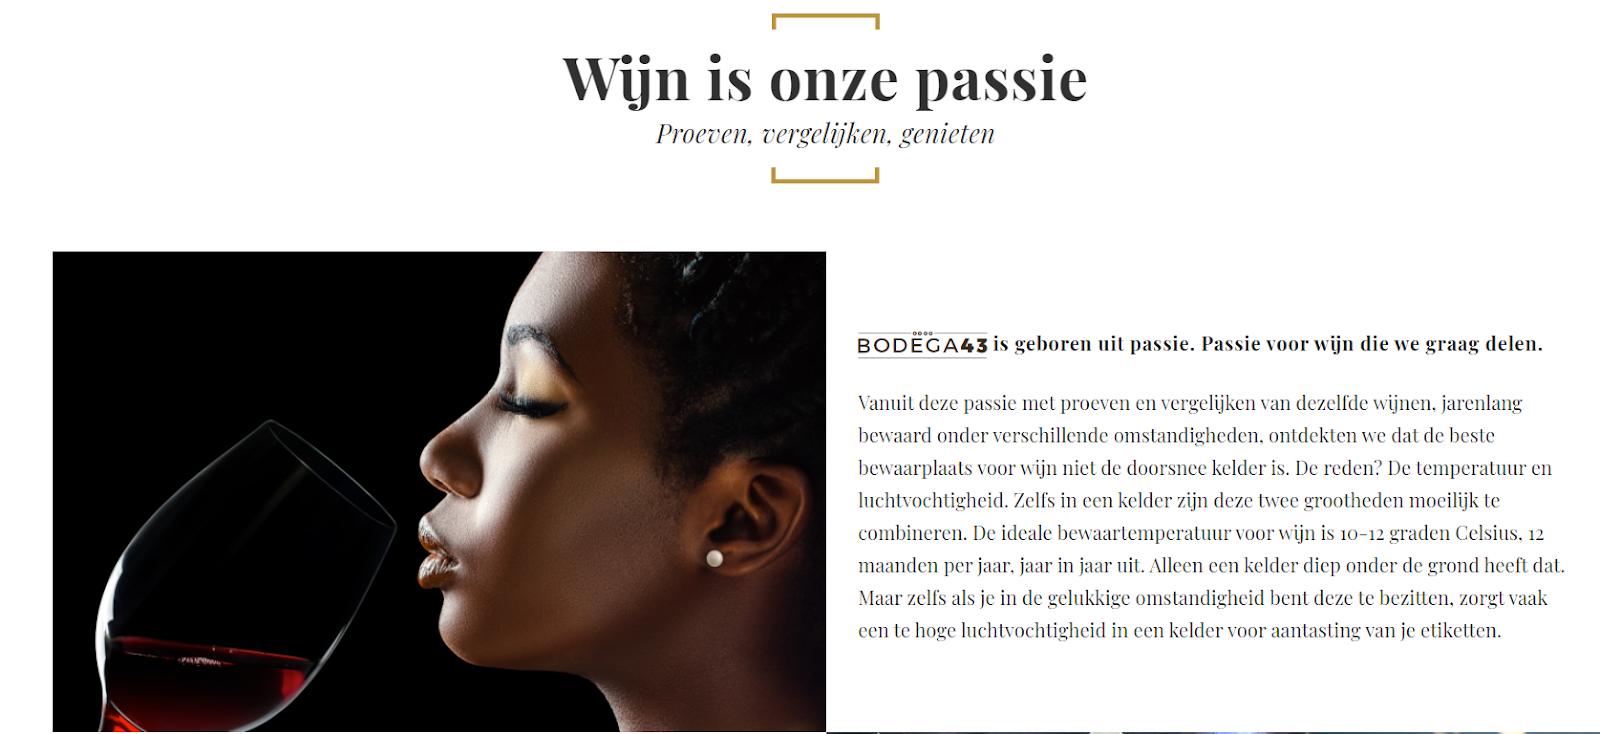 Een Bodega43 Wijnklimaatkast voegt stijl en elegantie toe aan je woning #wijnklimaatkast #wijn #wijnkast #bodega43